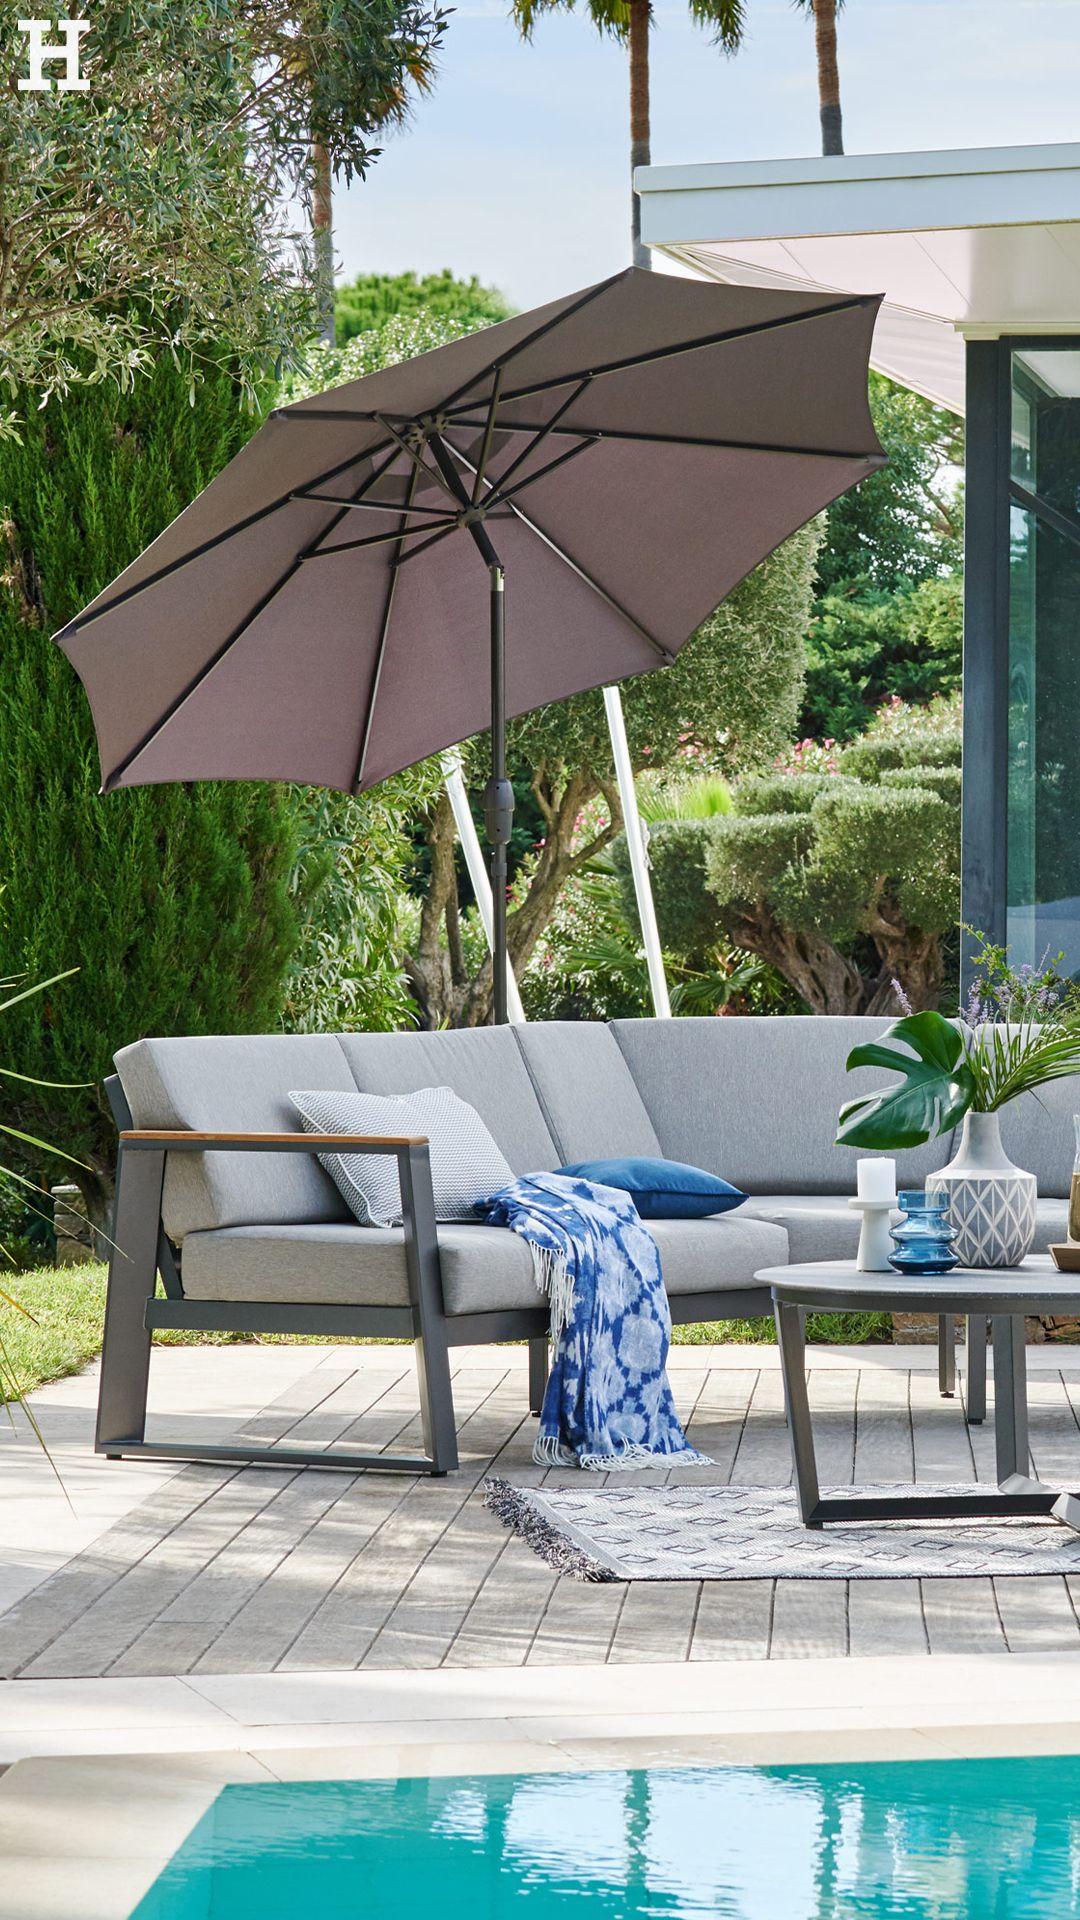 Alles Im Grunen Bereich Mit Den Gartenmobeln Von Mobel Hoffner Meinhoffi Garten Outdoor Draussenzimmer Garden Ba In 2020 Gartenmobel Terrassenmobel